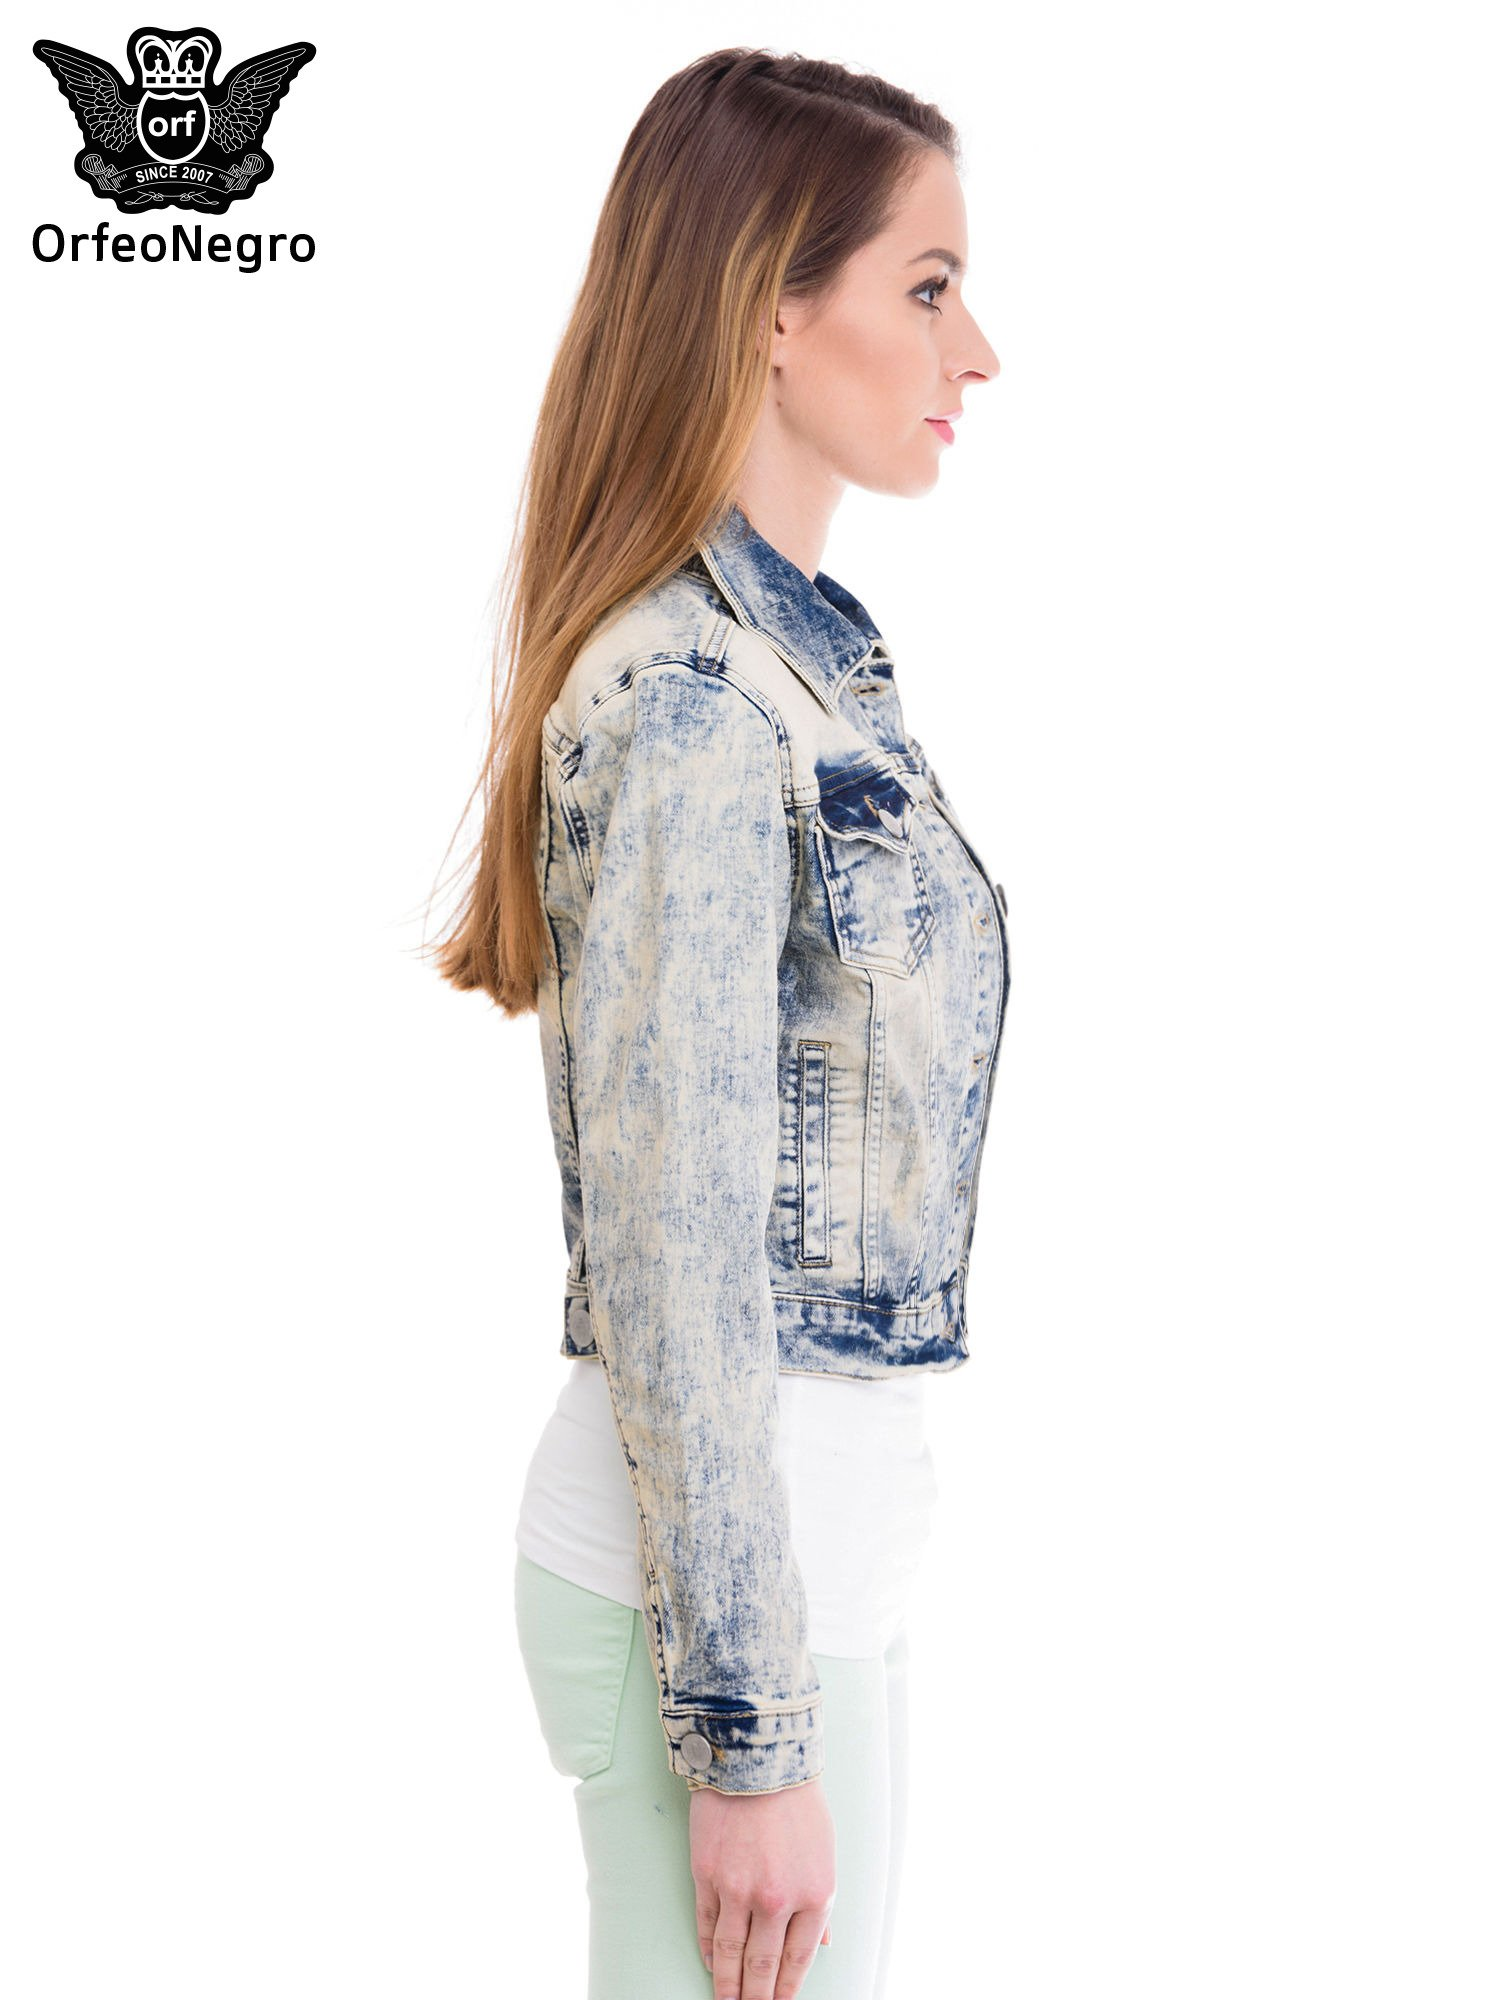 Jasnoniebieska kurtka jeansowa damska z marmurkowego denimu                                  zdj.                                  3